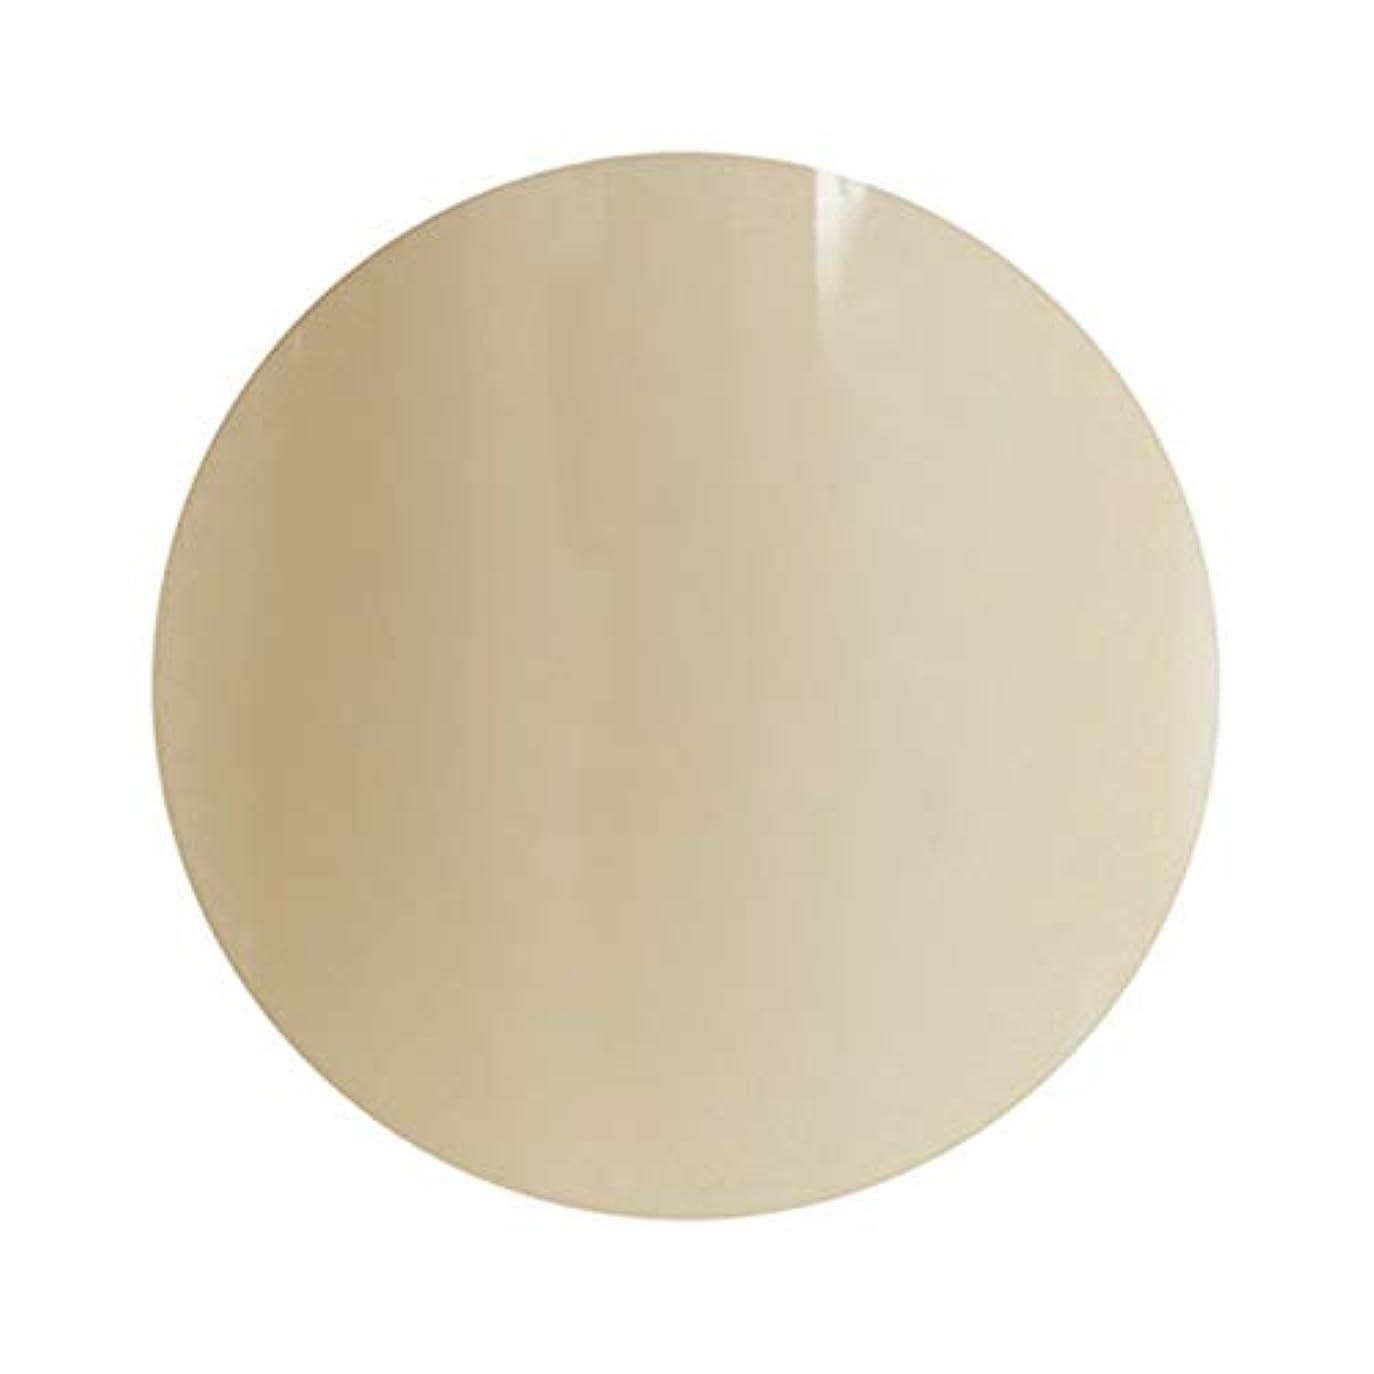 好ましいバンケットディレクトリpara gel パラジェル カラージェル S035 ピスタチオミスト 4g (Coccoプロデュース)